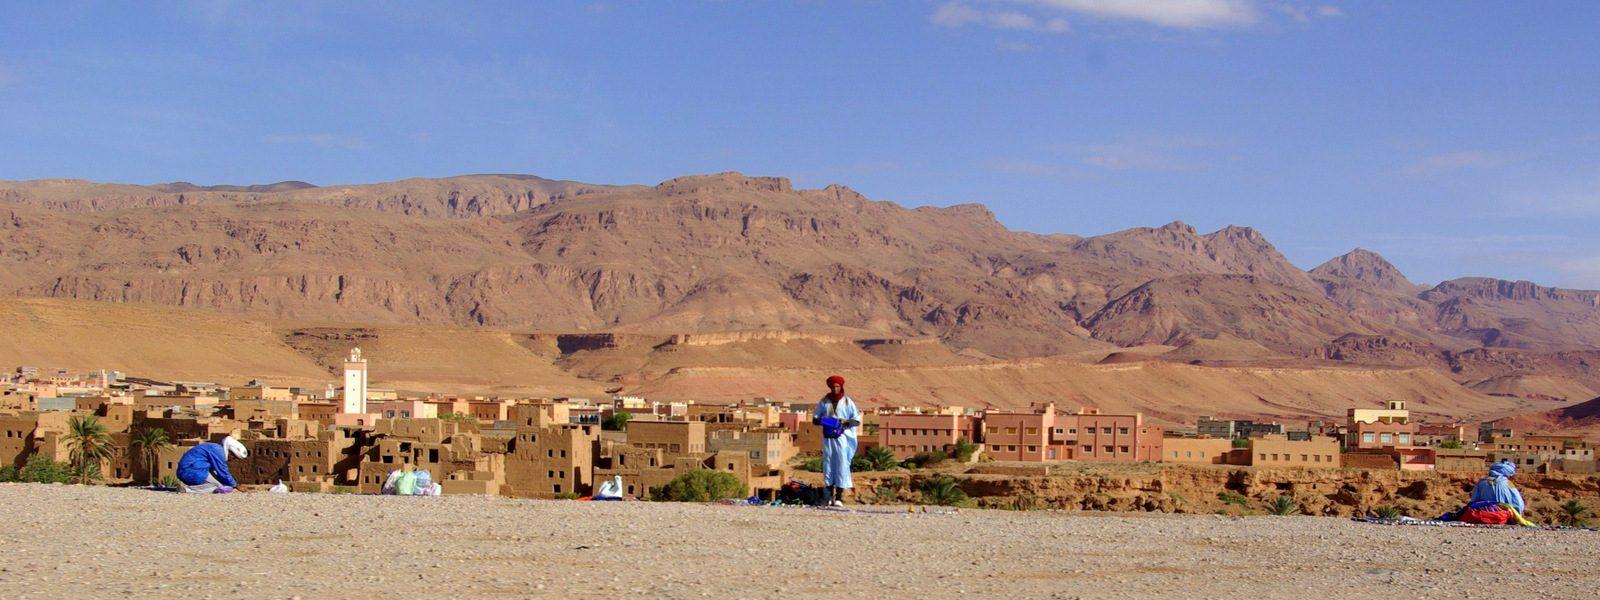 Naš izbor: 5 vrhunskih kotičkov južnega Maroka